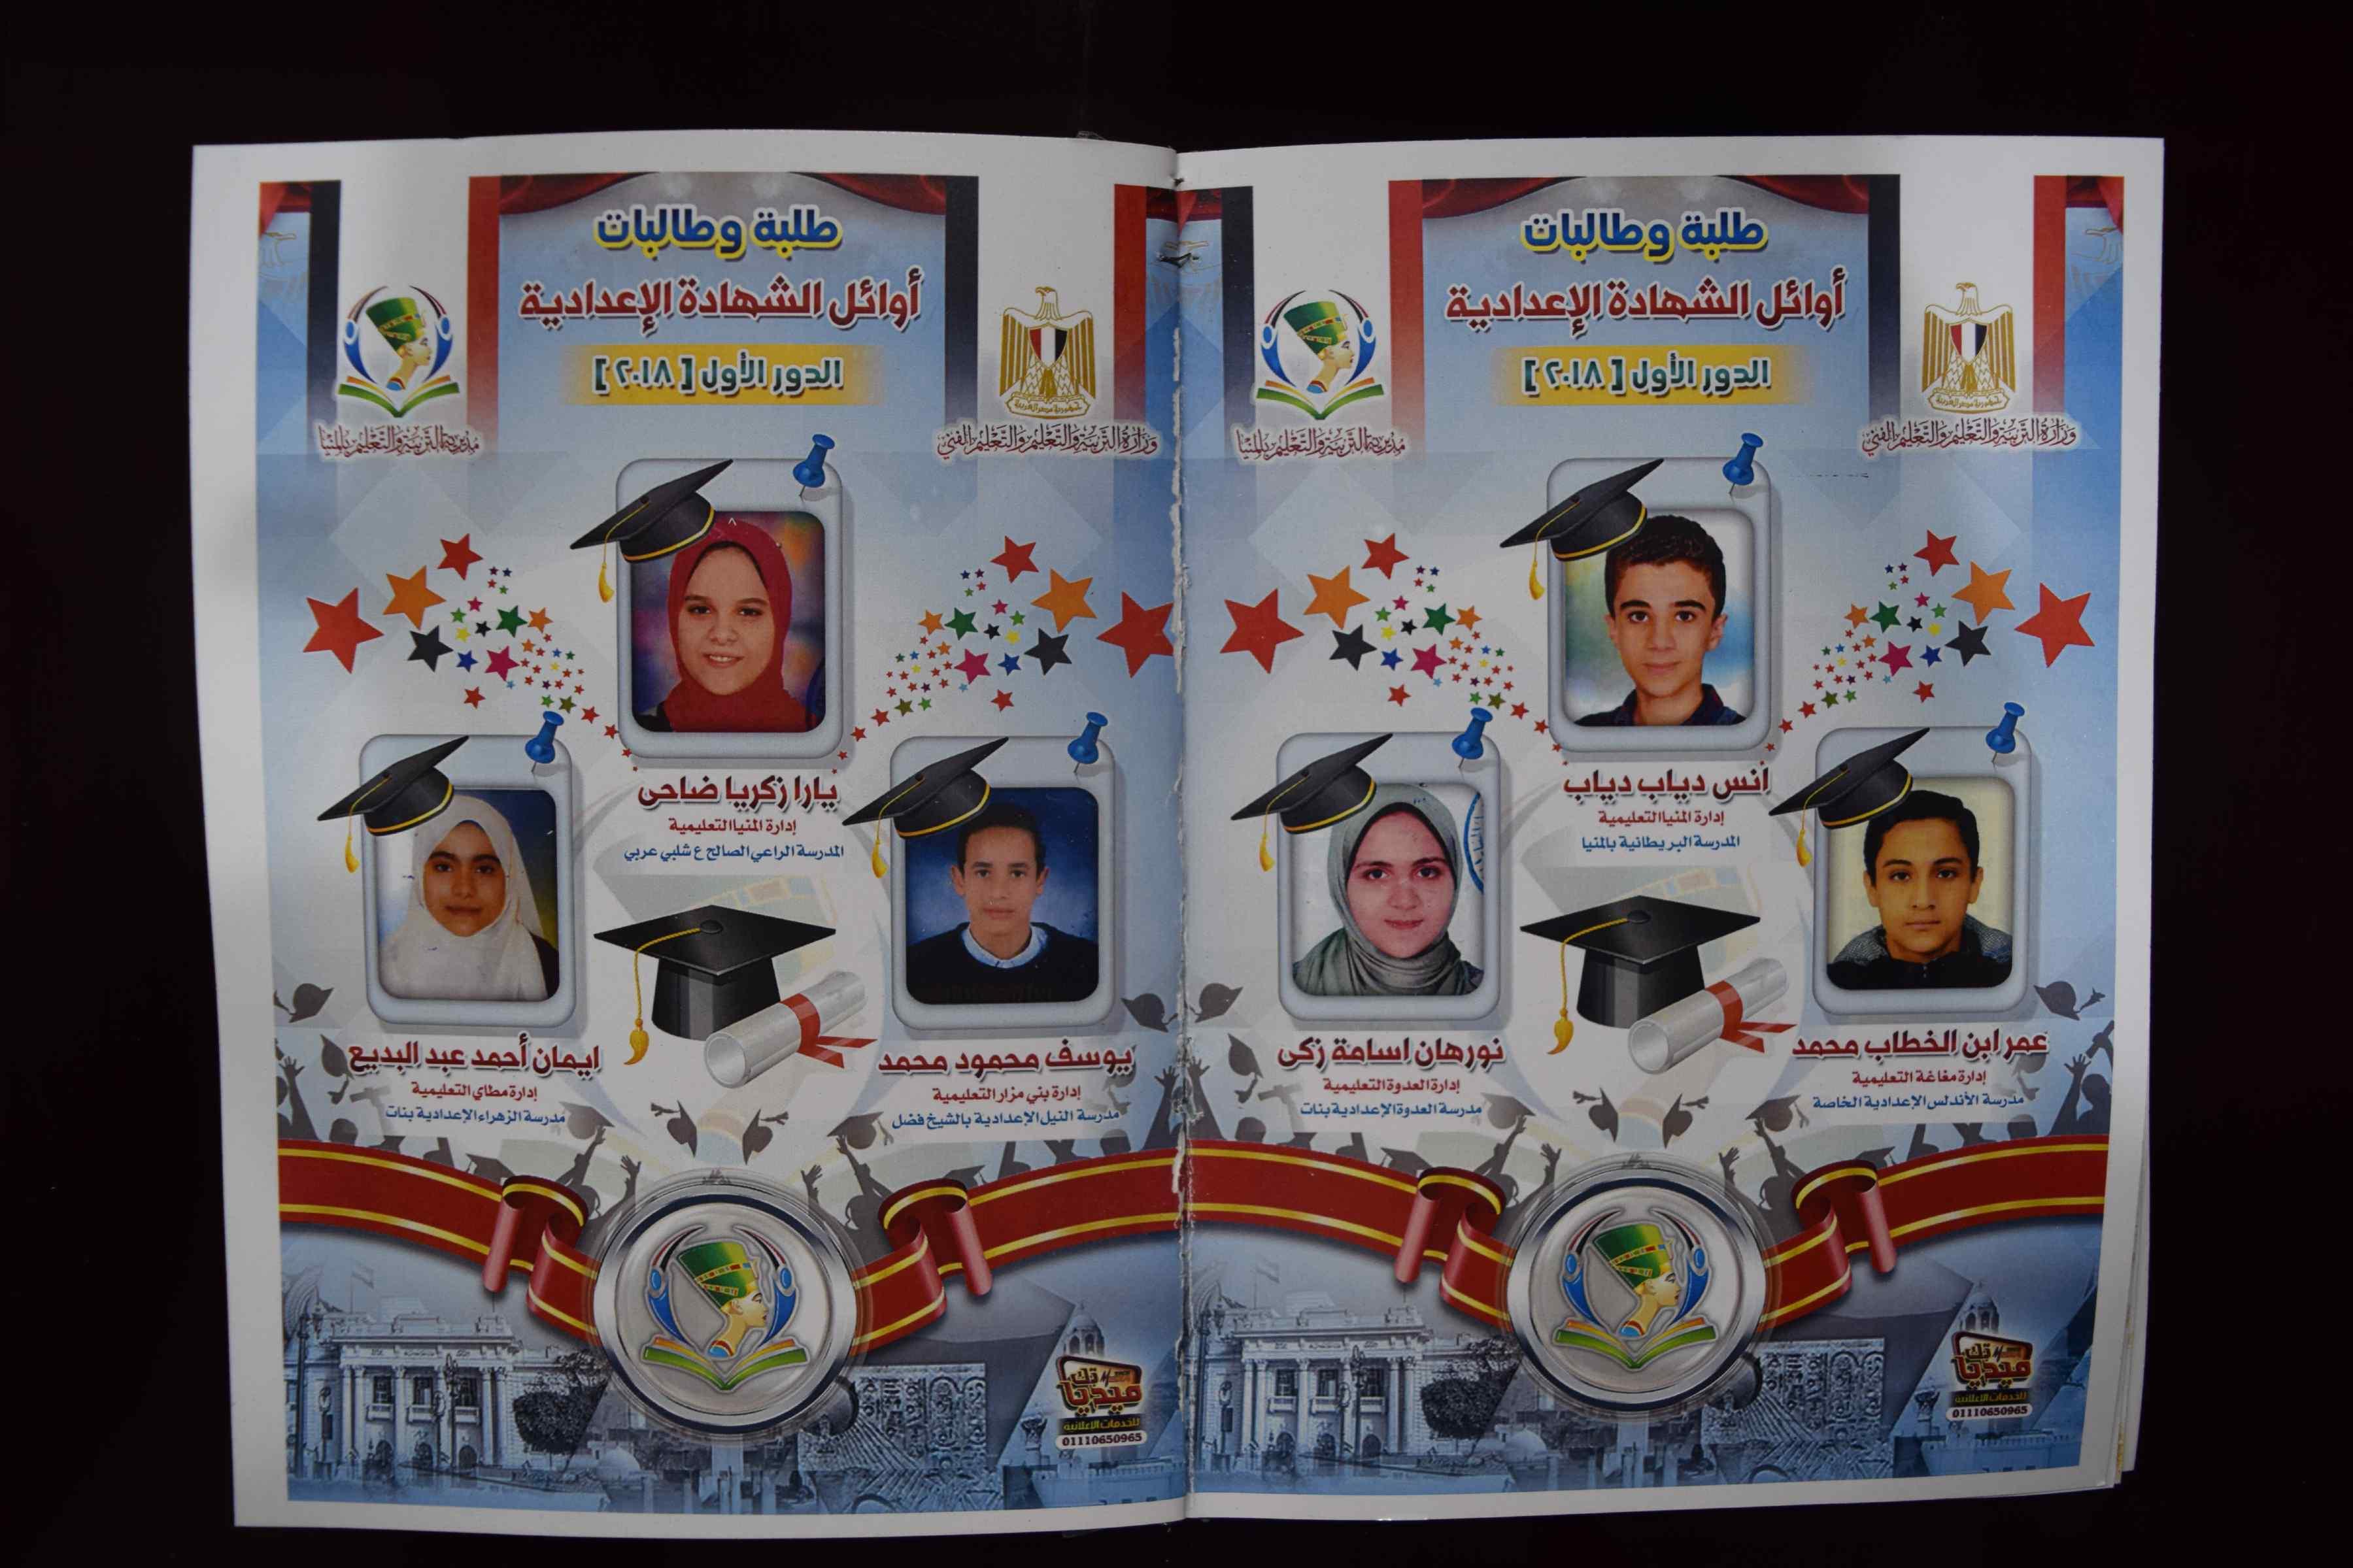 نتيجة الشهادة الابتدائية والإعدادية محافظة المنيا 2019 برقم الجلوس 8